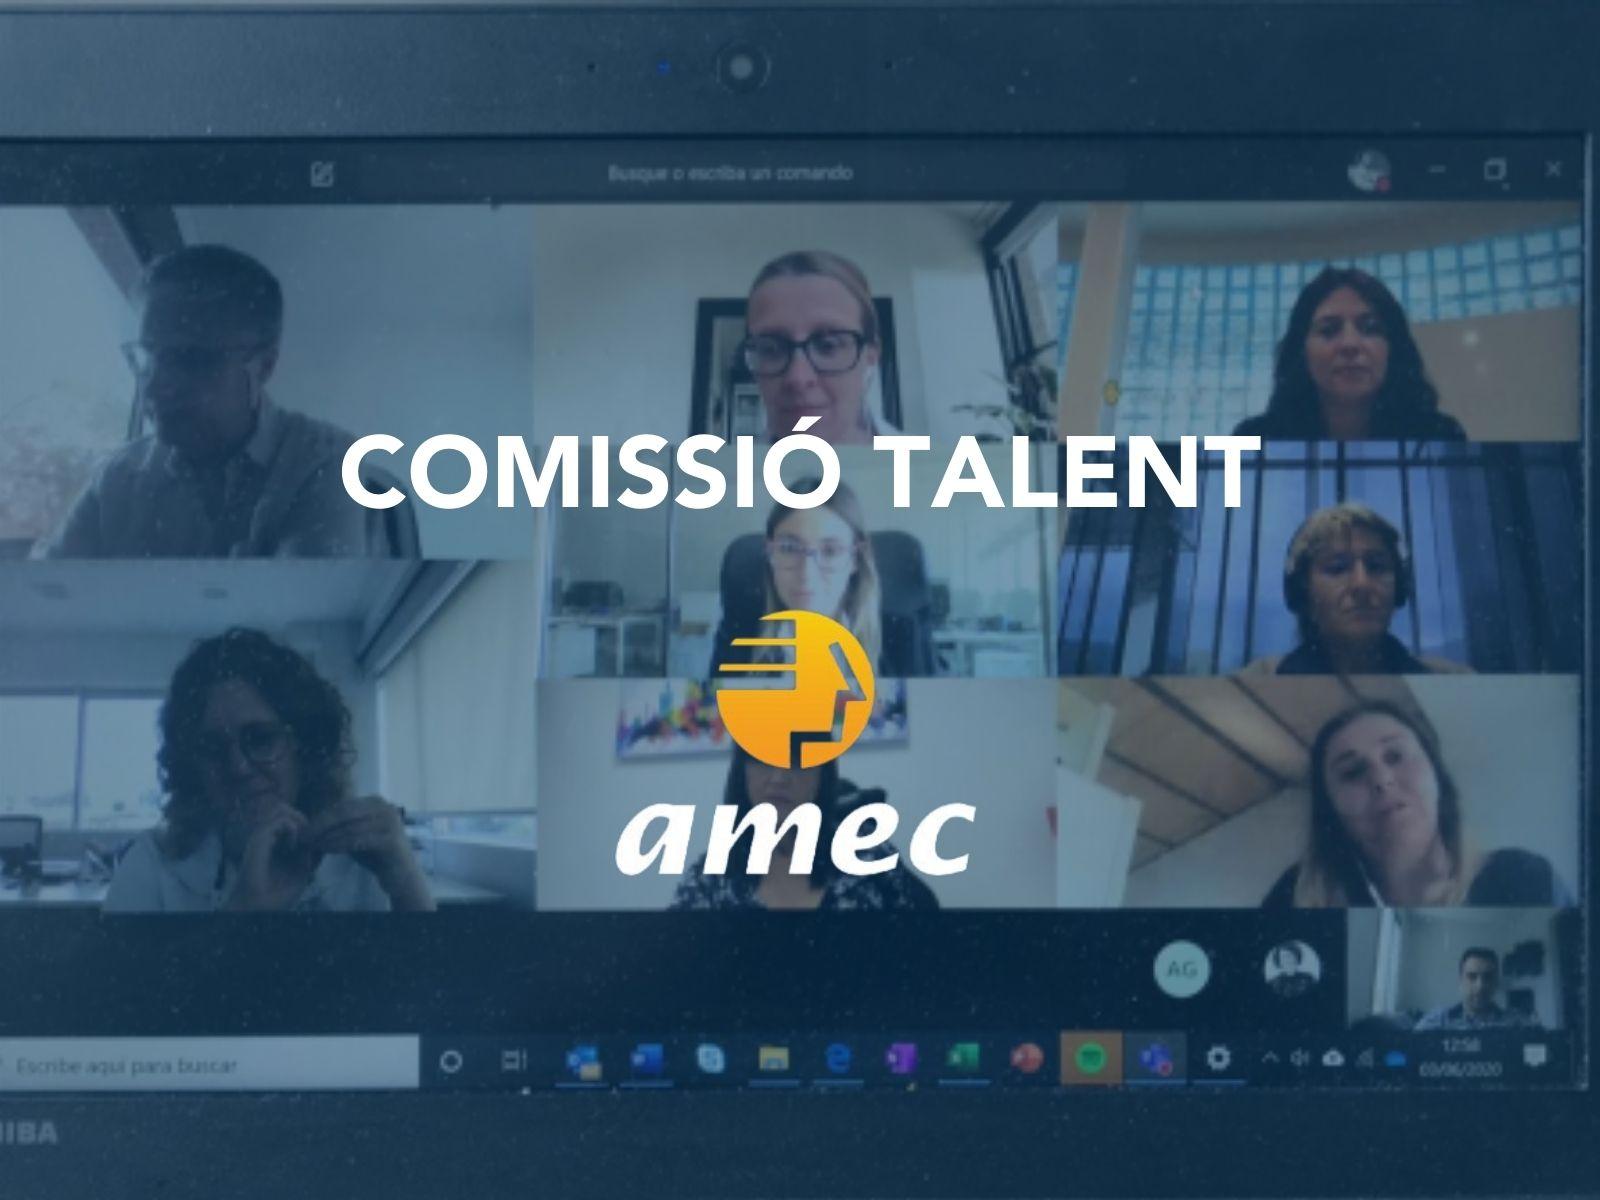 Comissió Talent Amec - Coatresa